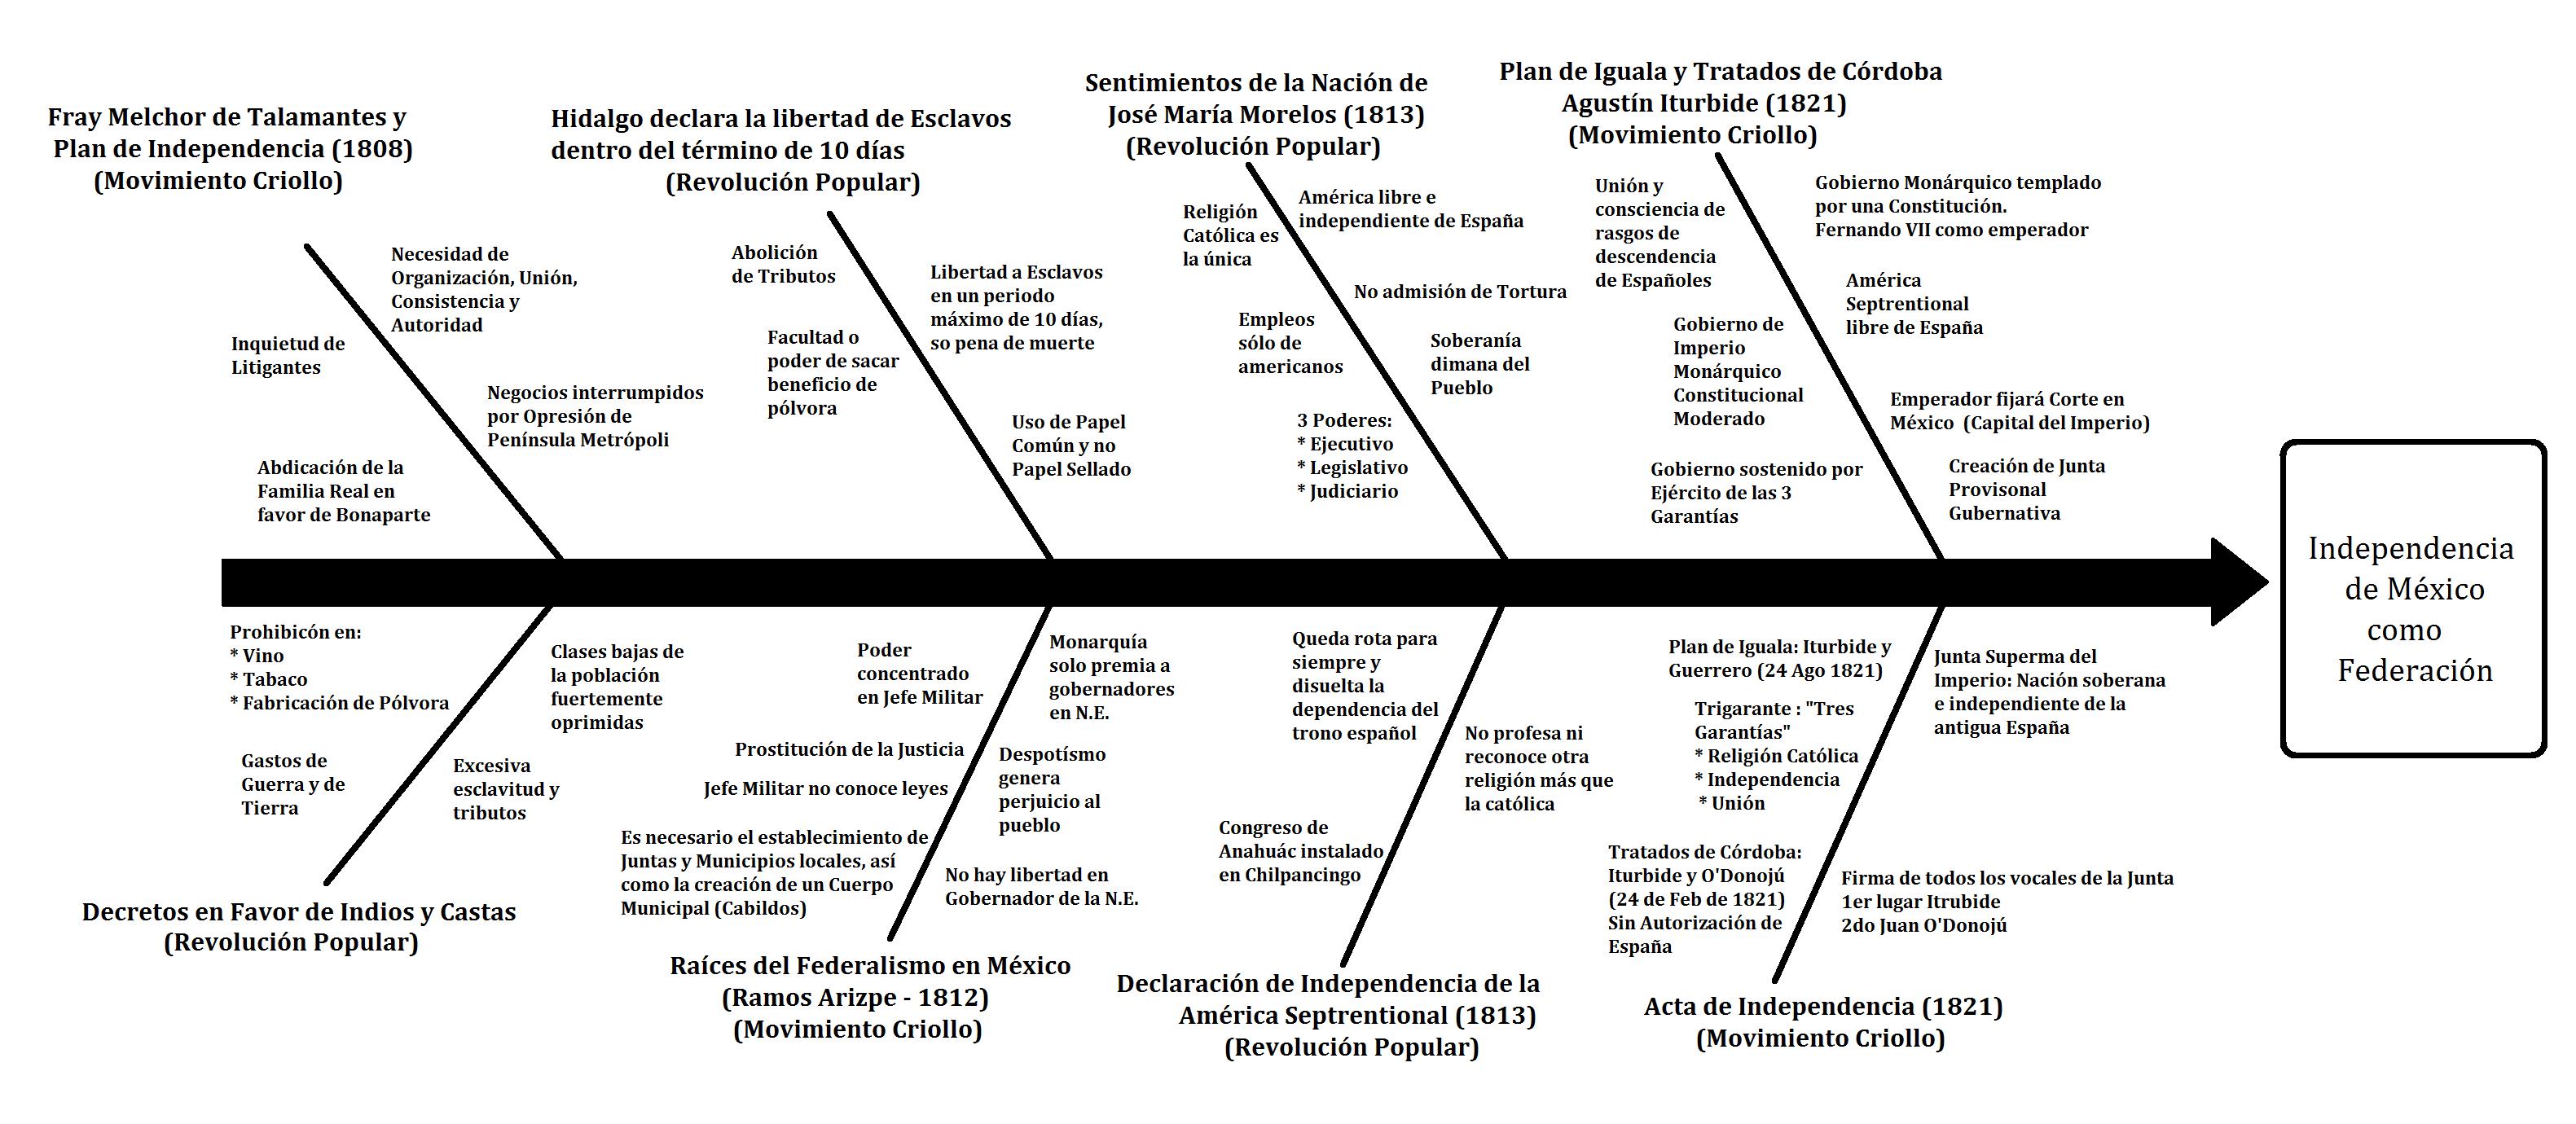 16 Documentos Del Proceso De Independencia Muchos